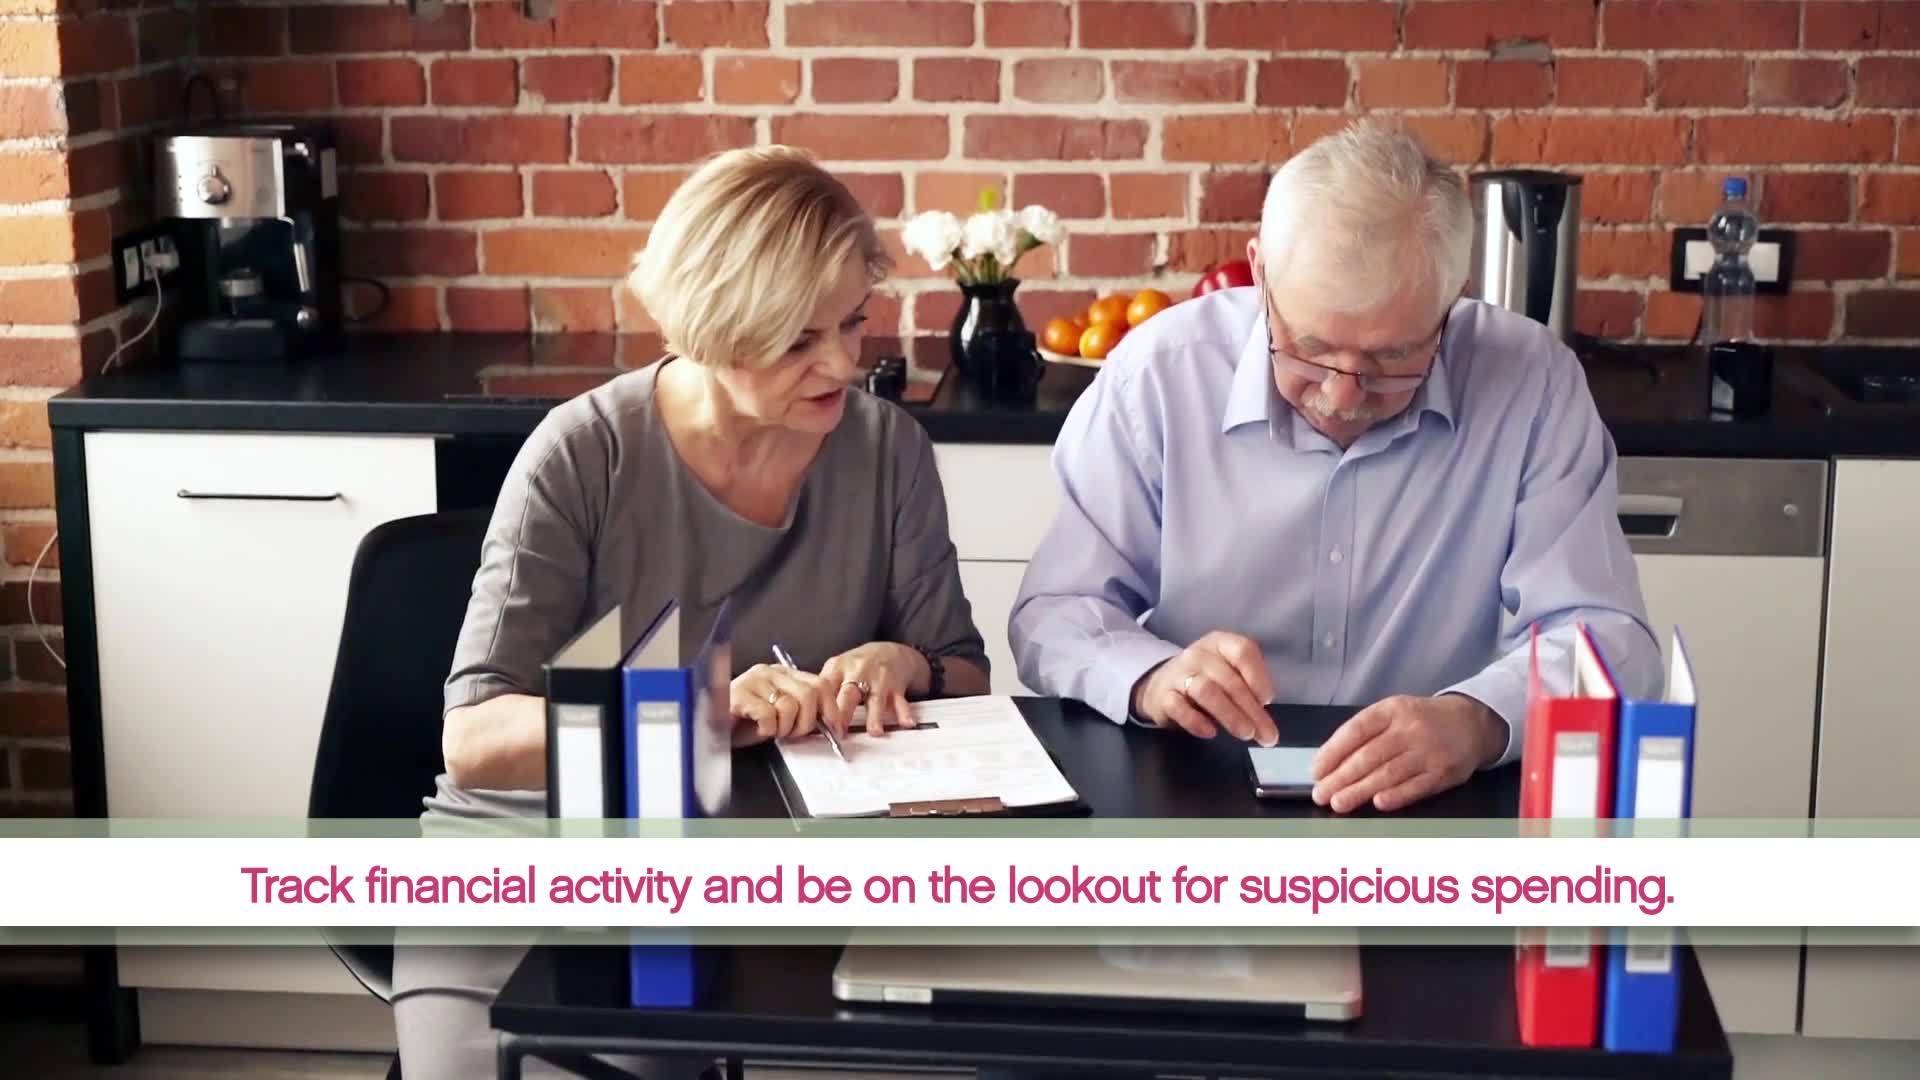 Seven_ways_to_prevent_financial_elder_ab_6_20190606163946